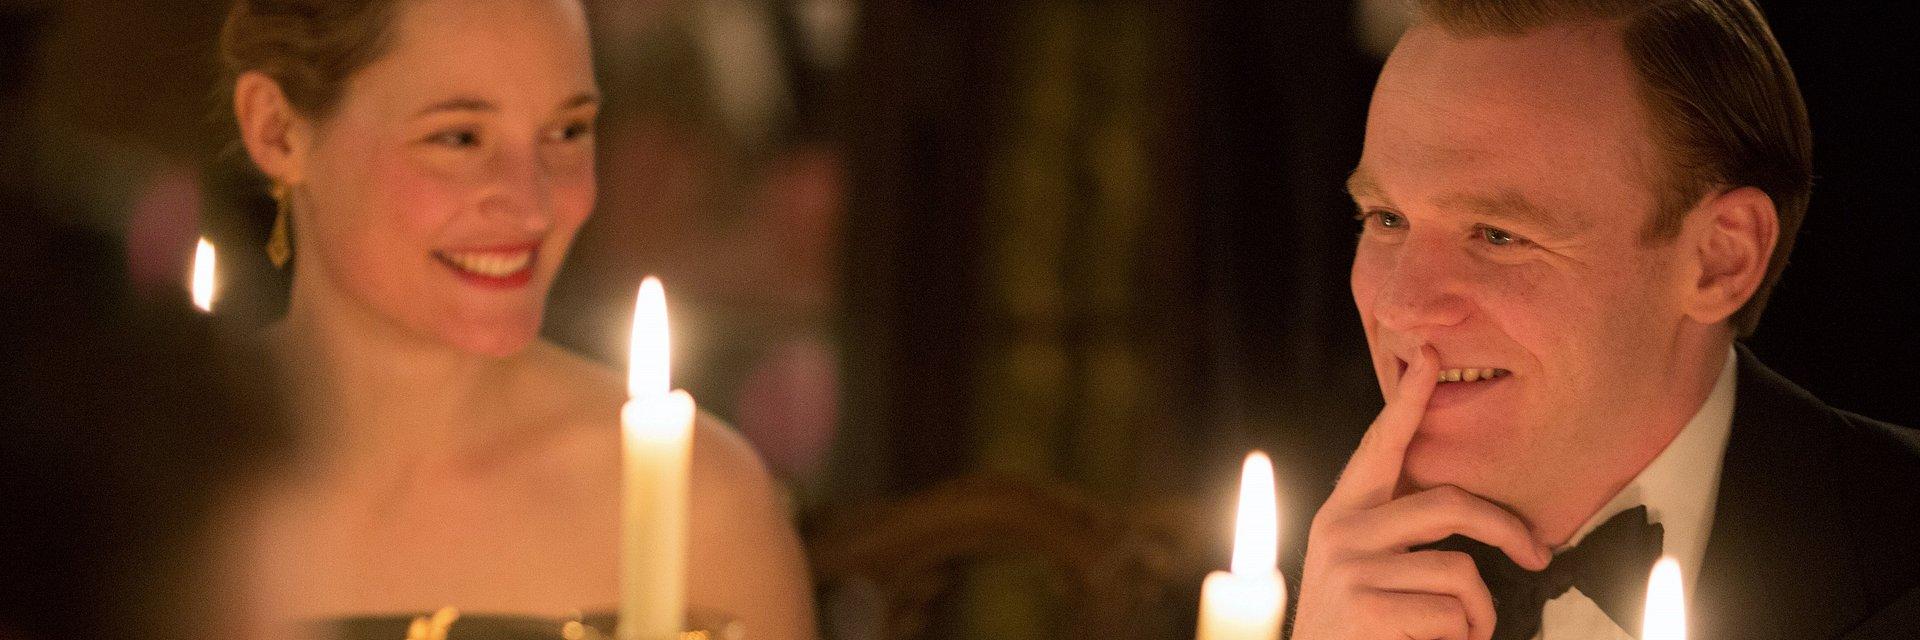 Oscarowy® luty, czyli premierowe produkcje uhonorowane Nagrodami Akademii na antenie CANAL+